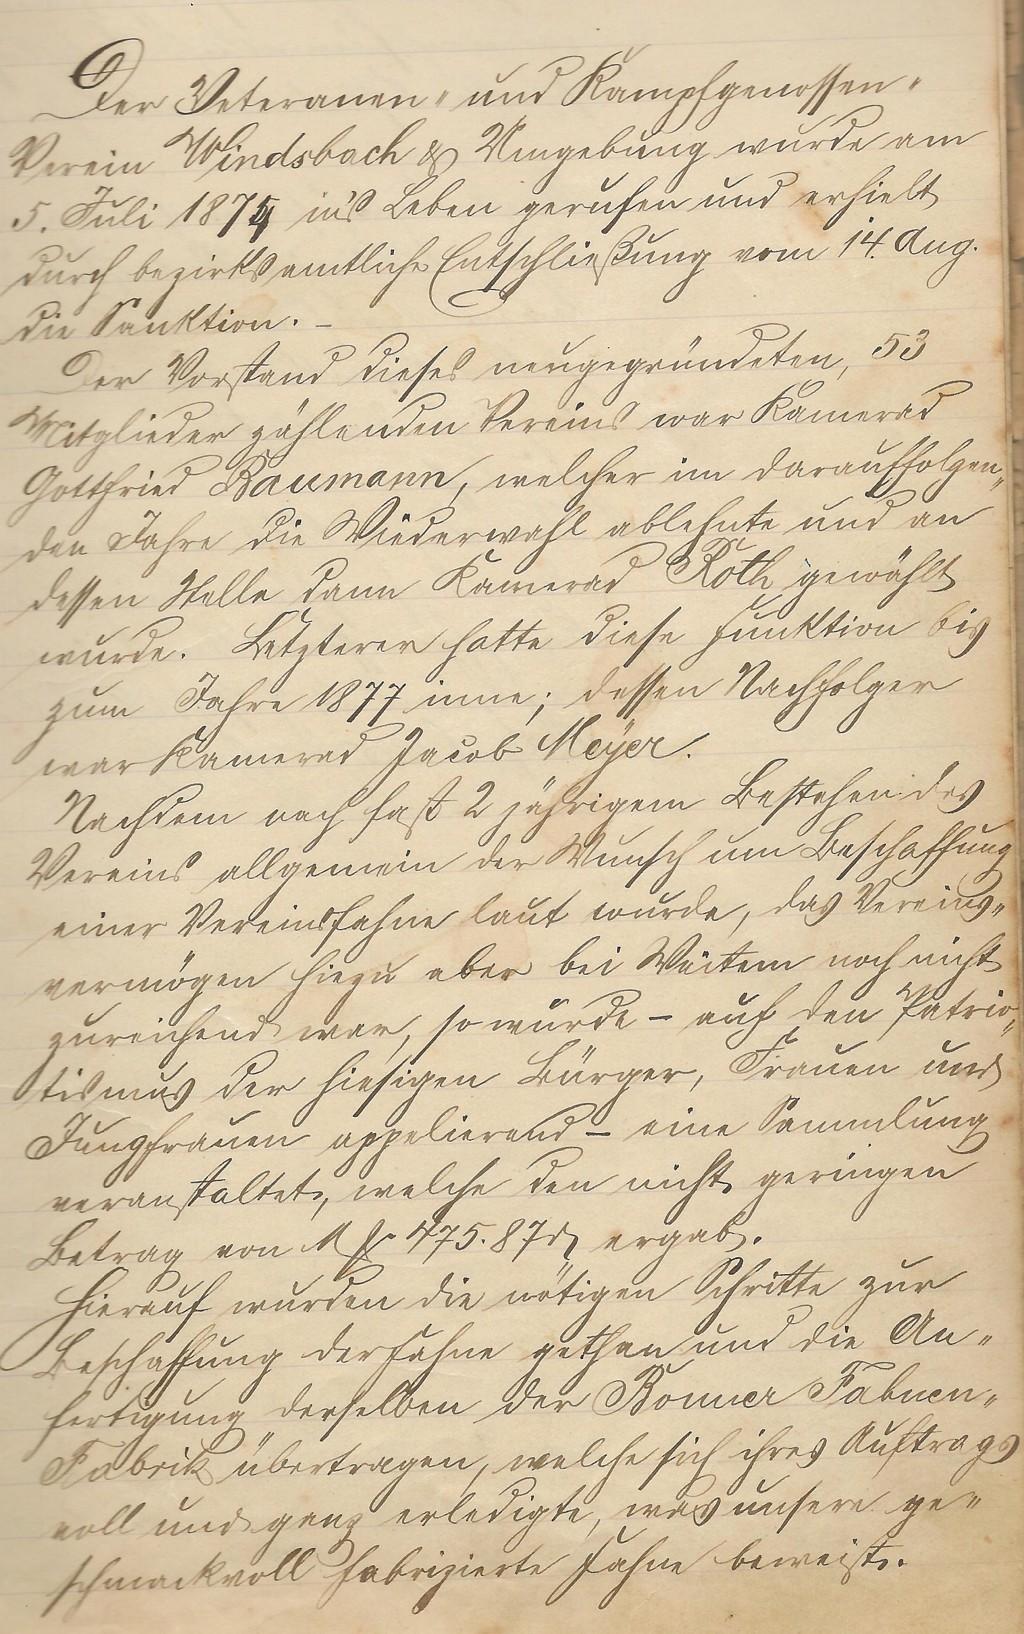 gruendungsbuch_0002